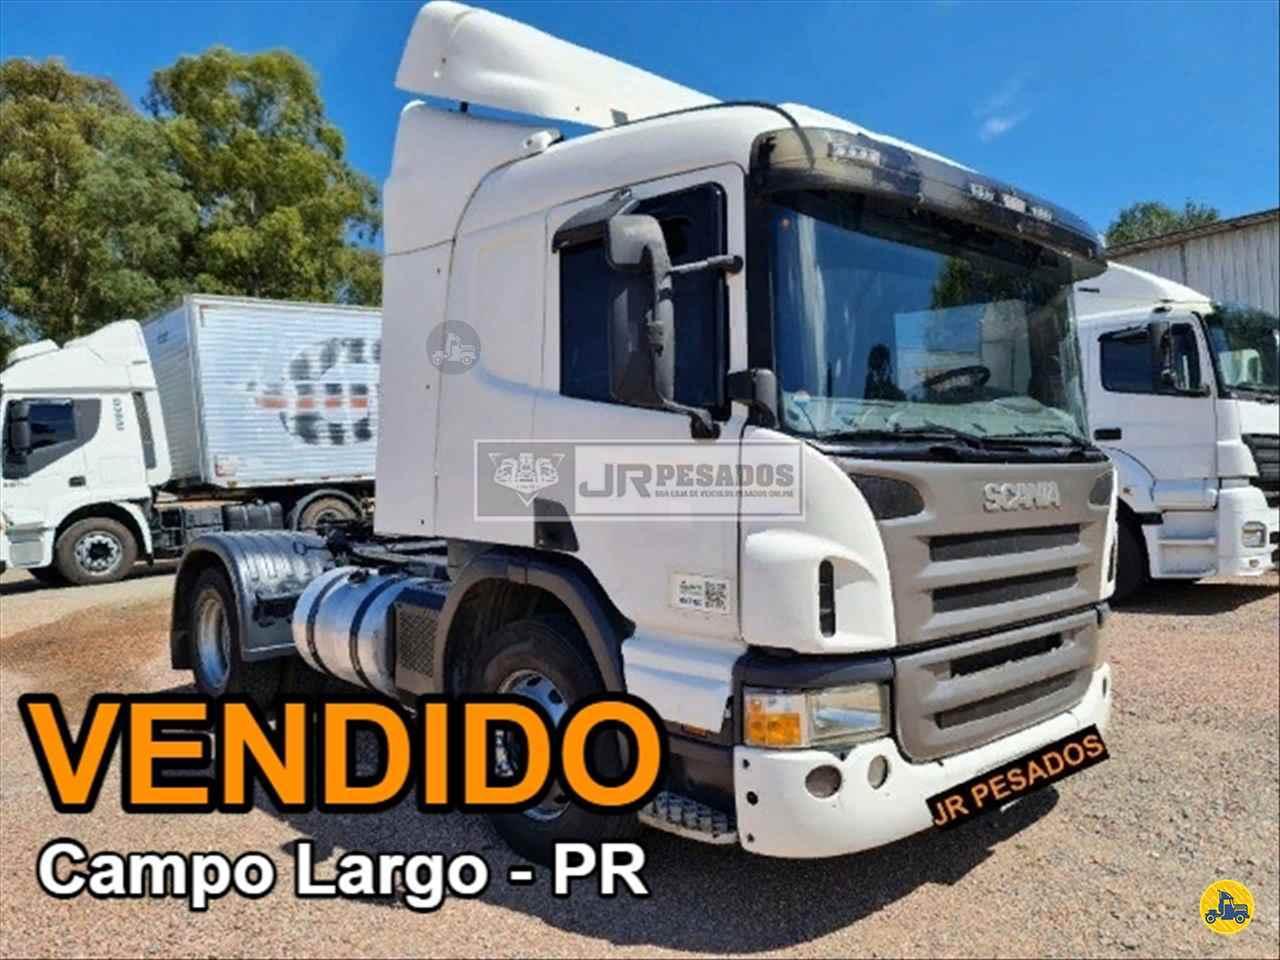 CAMINHAO SCANIA SCANIA 340 Cavalo Mecânico Toco 4x2 JR Pesados CURITIBA PARANÁ PR